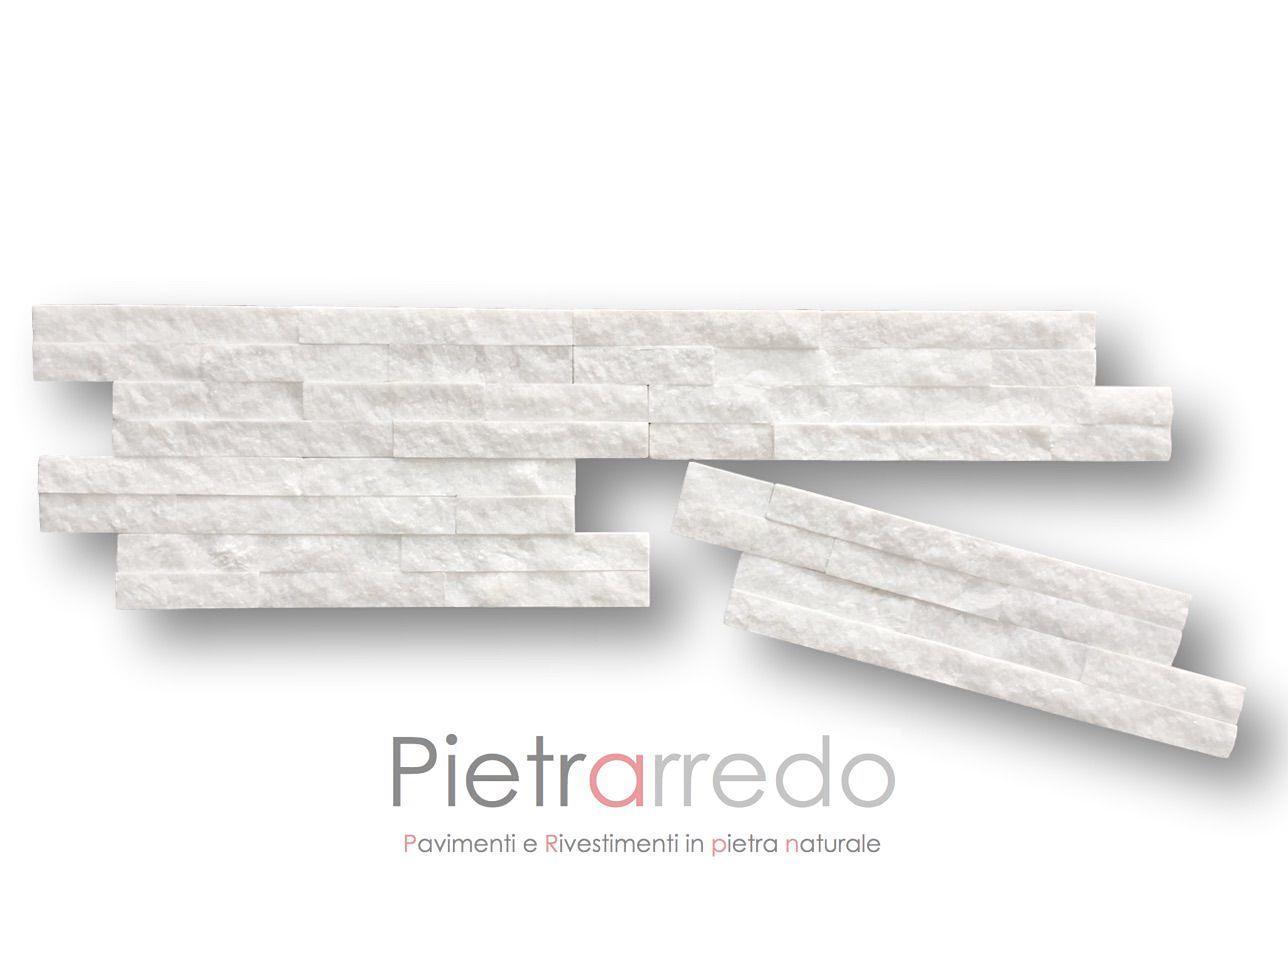 Piastrelle bricoman prezzi best design ideas sassi - Piastrelle plastica bricoman ...